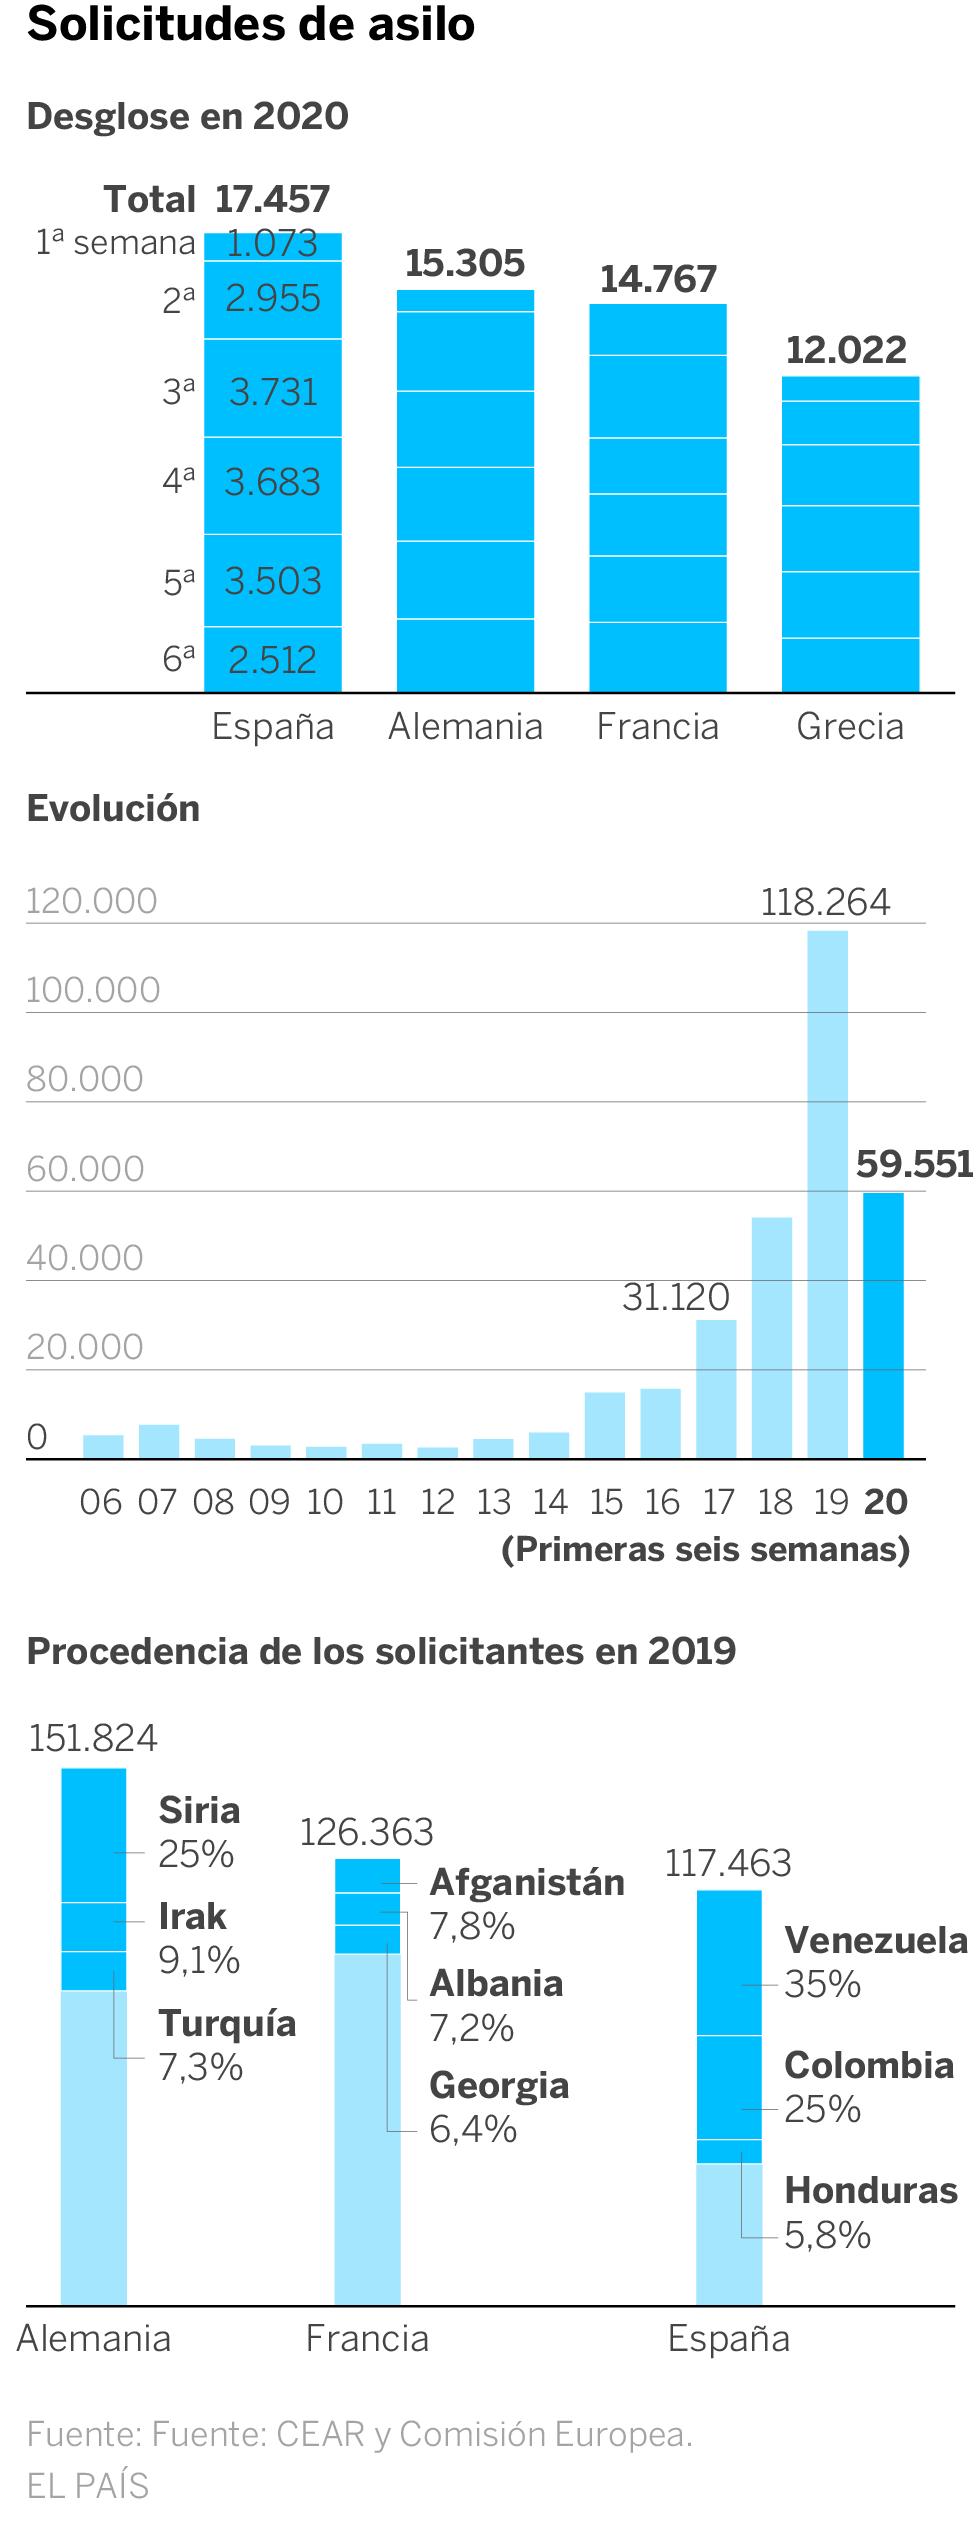 España Es El País De La Ue Con Más Peticiones De Asilo Por La Presión De Latinoamérica España El País